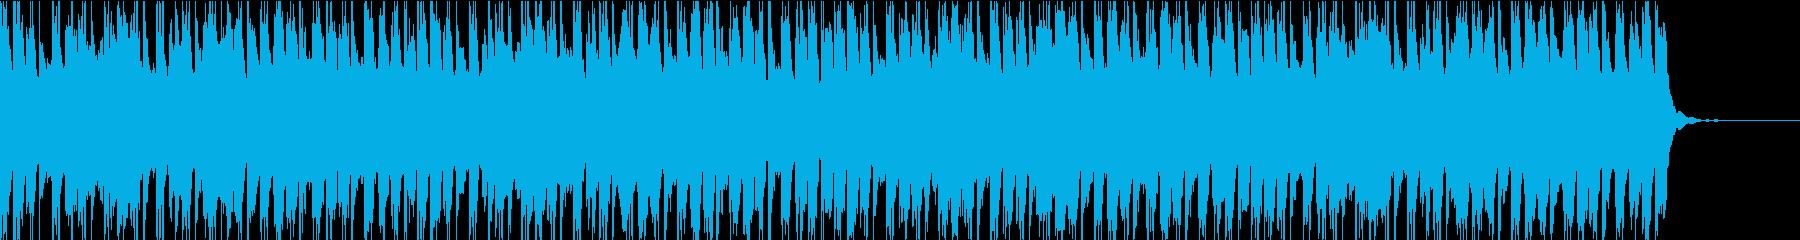 少し寂しさを感じる短編BGMの再生済みの波形